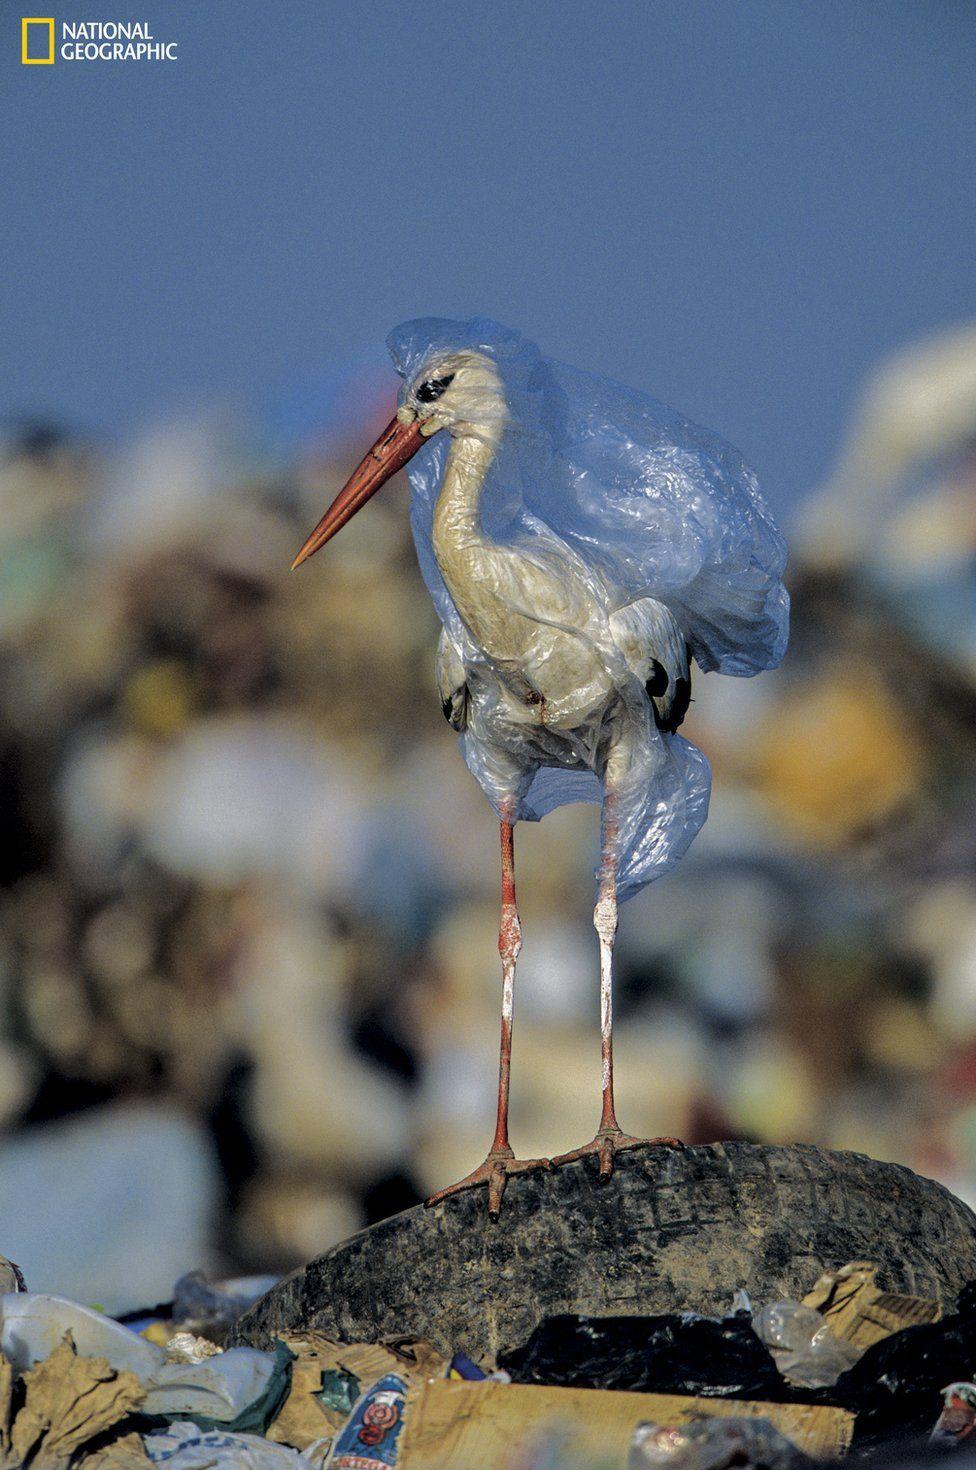 Fotoğraflarla: Plastik atıkların pençesindeki deniz canlıları( 27 MAYIS2018 )